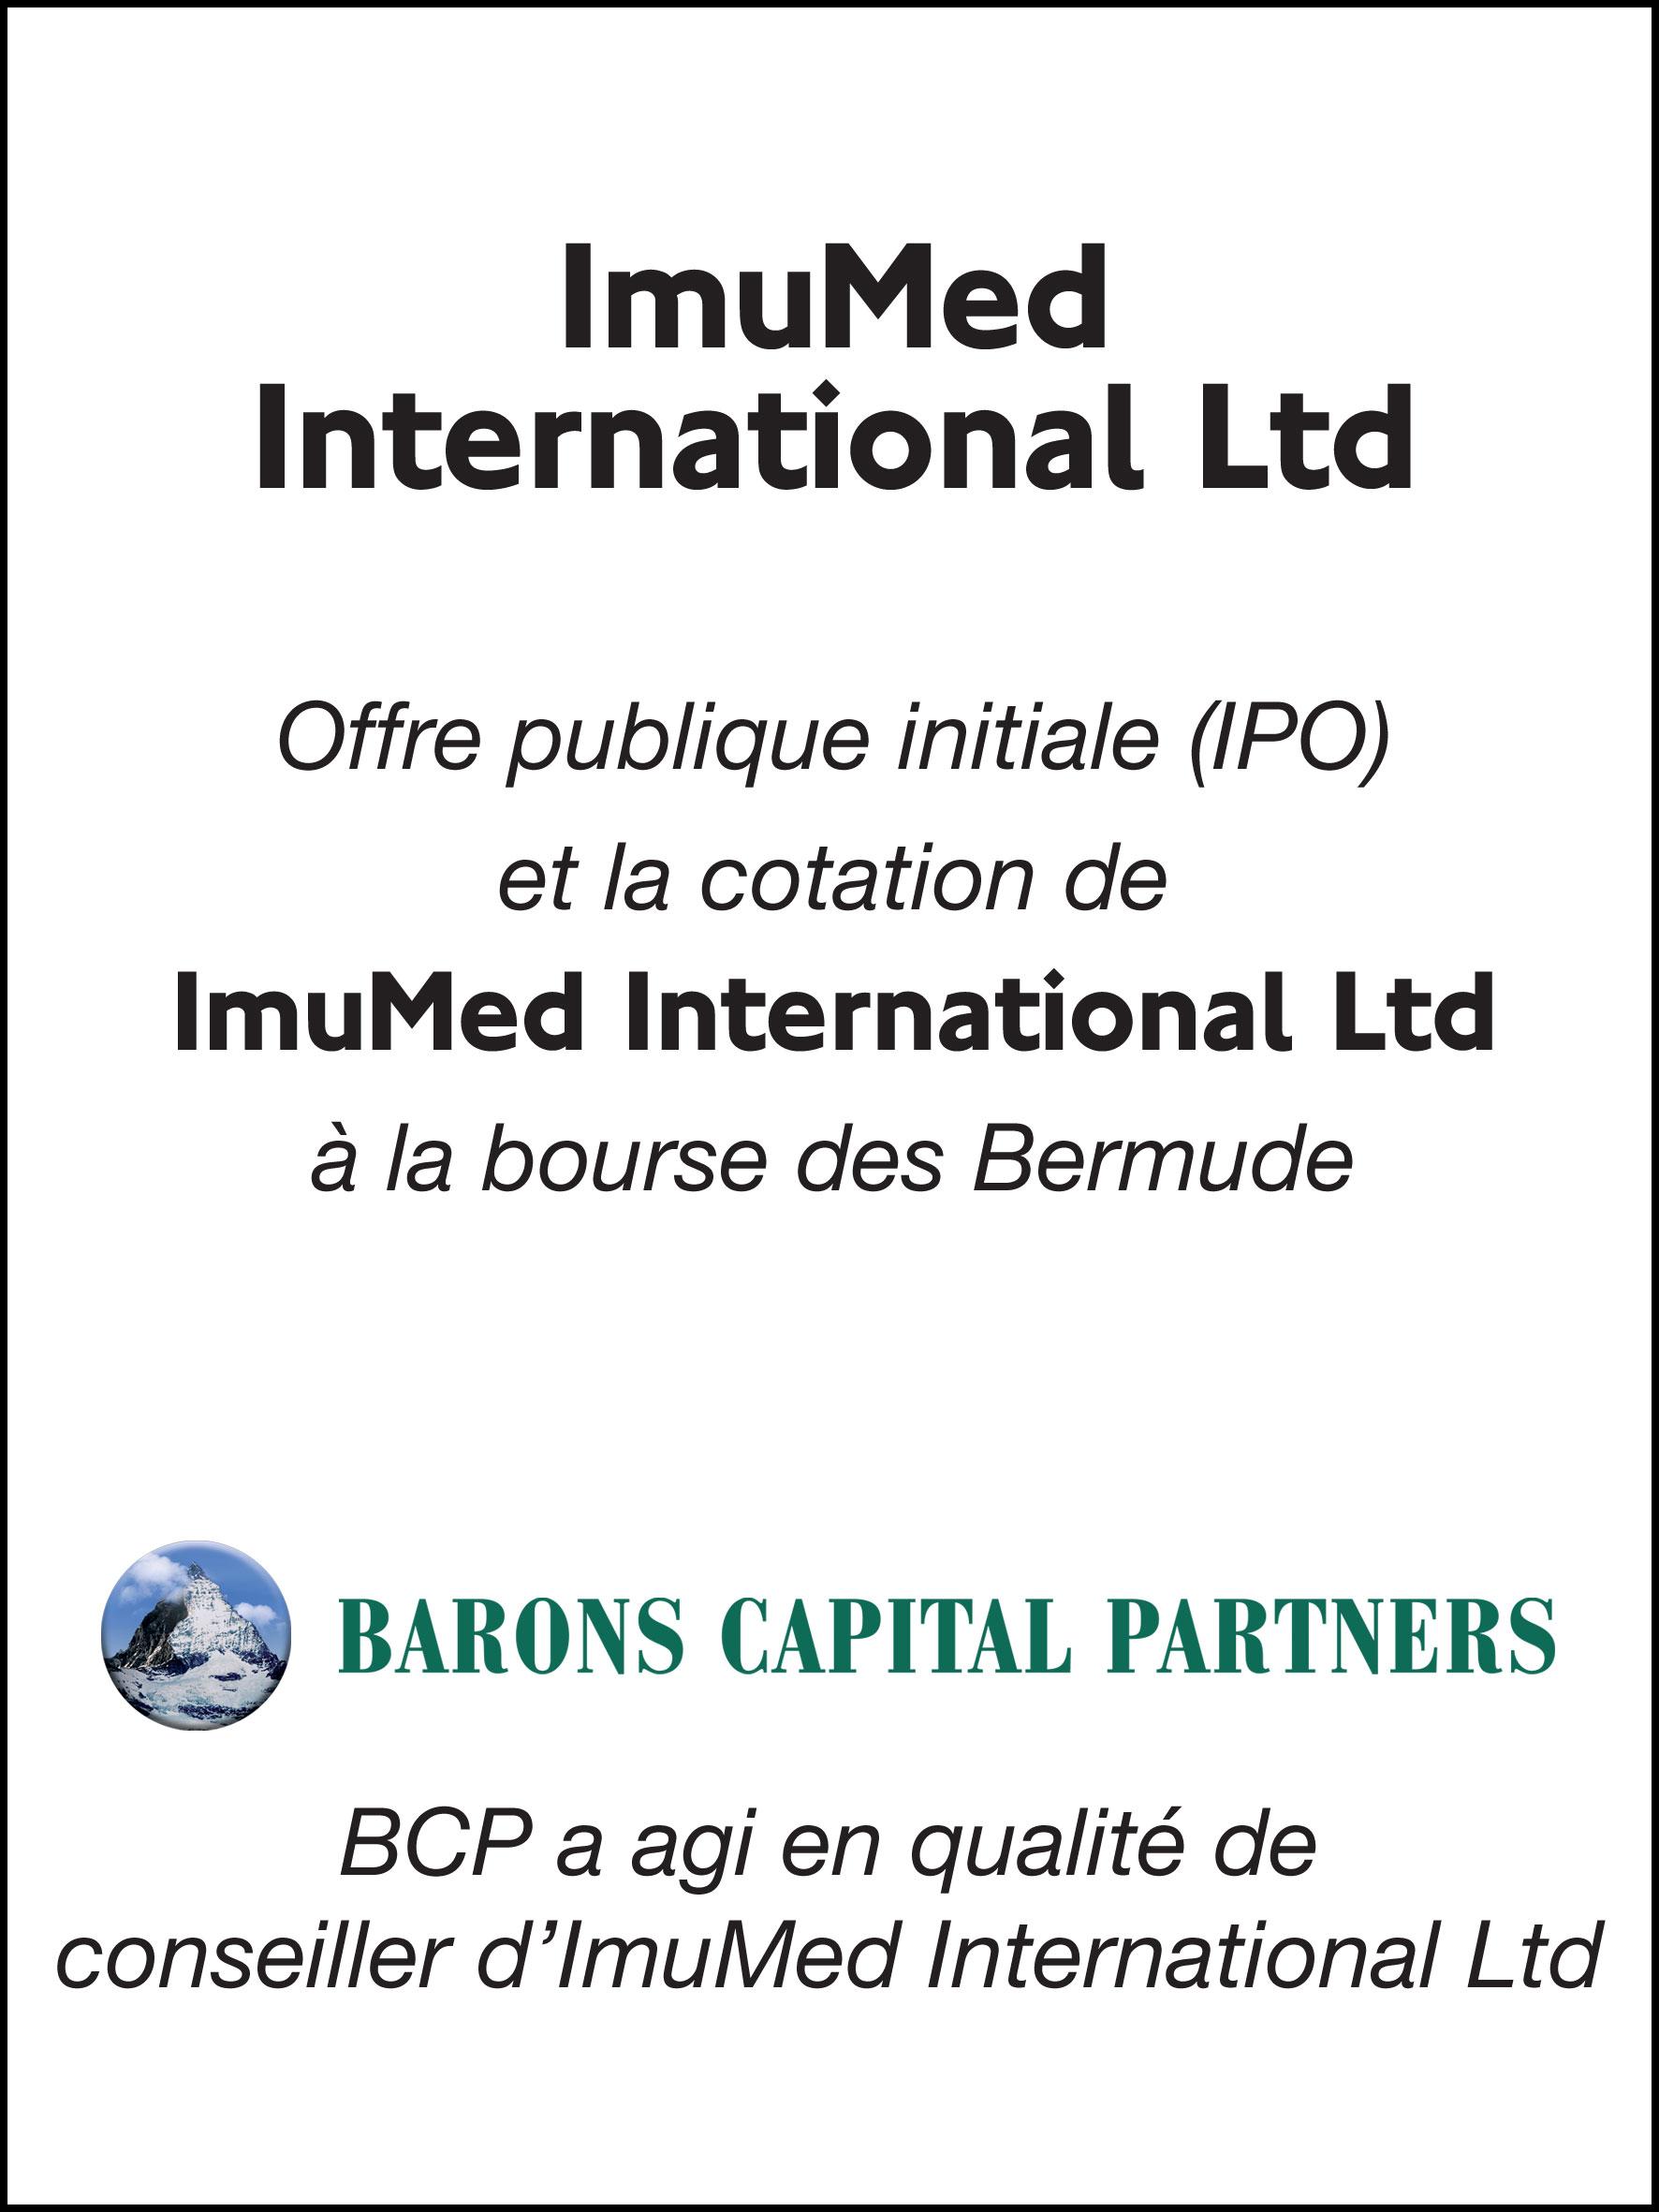 41_ImuMed International Ltd_F